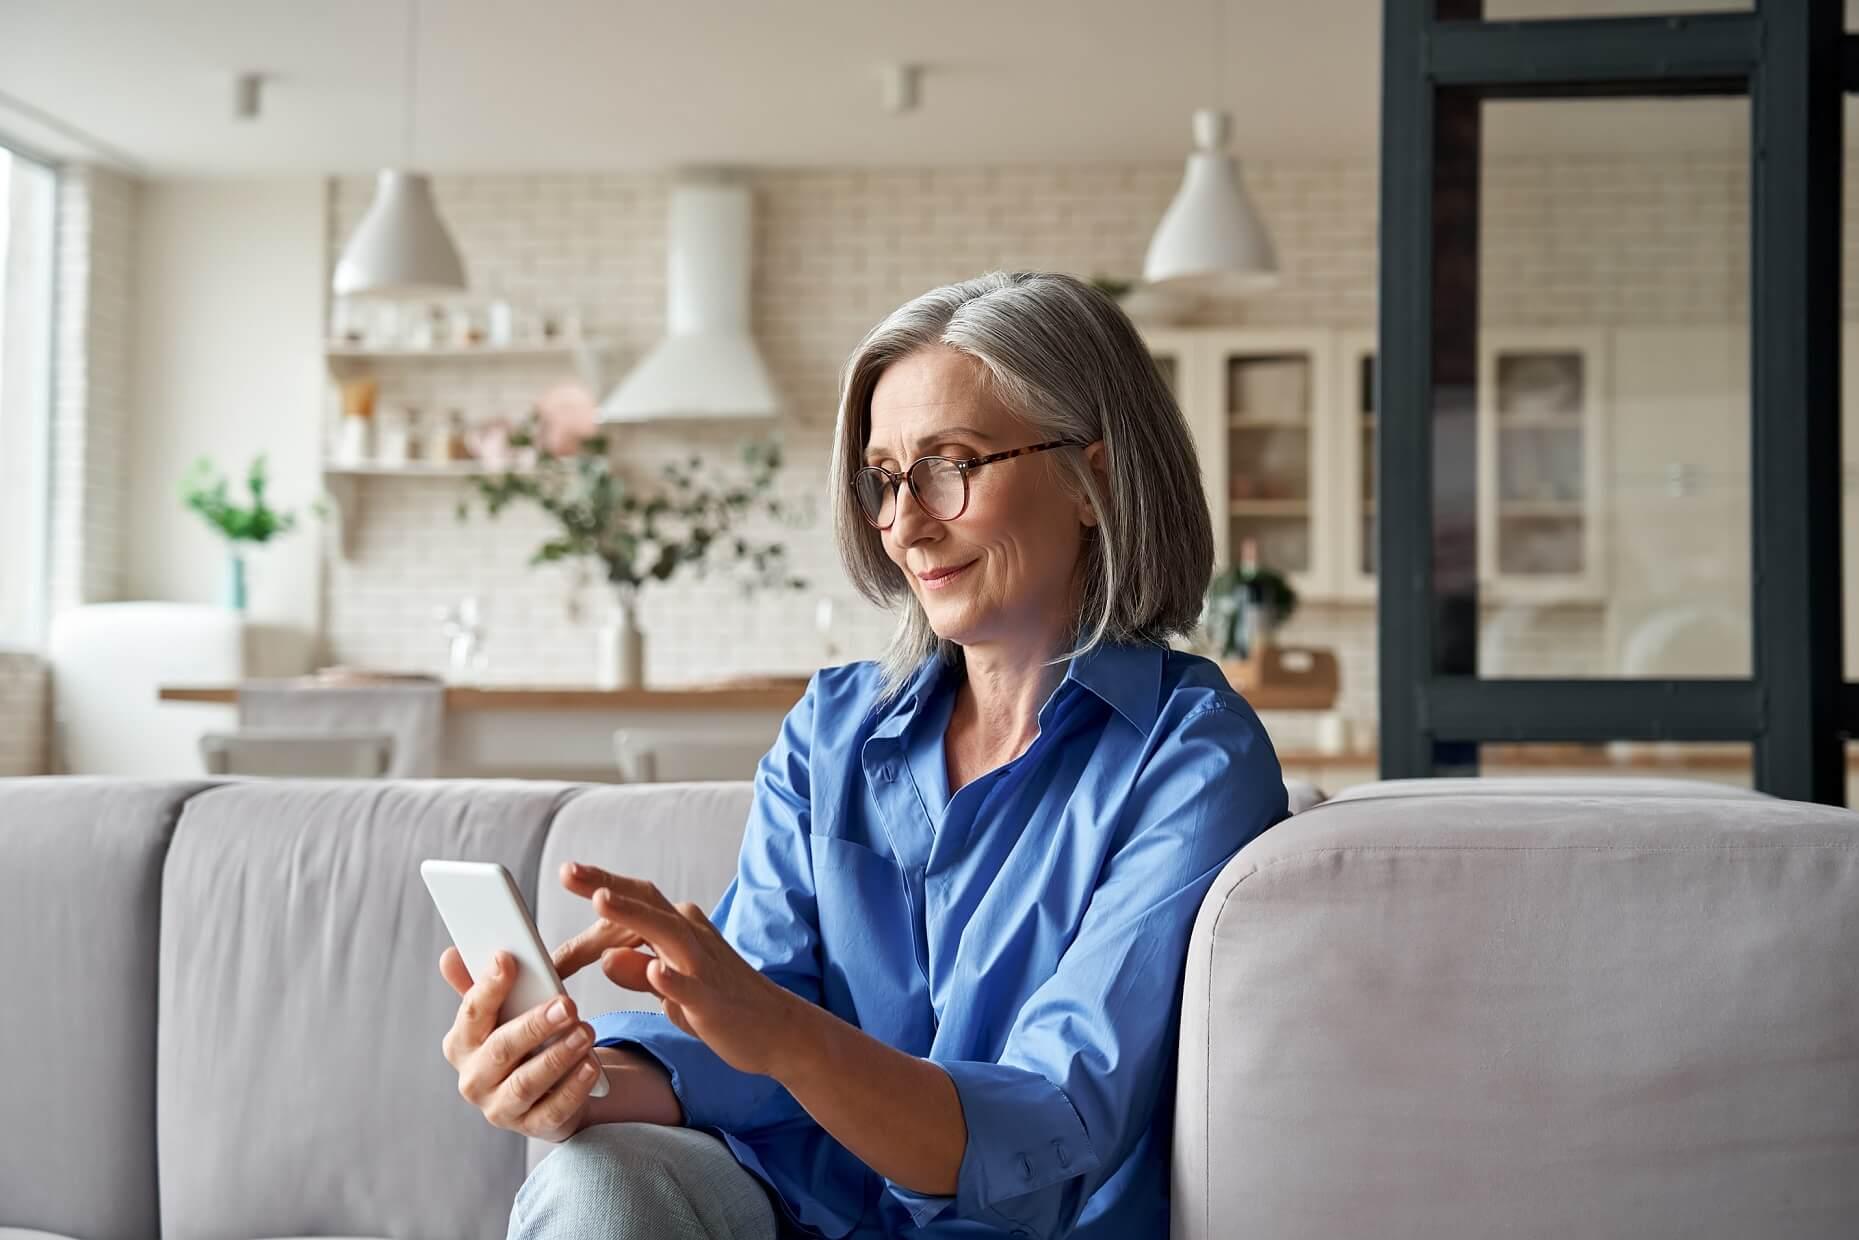 Neue Brustkrebs-App als umfangreicher Begleiter